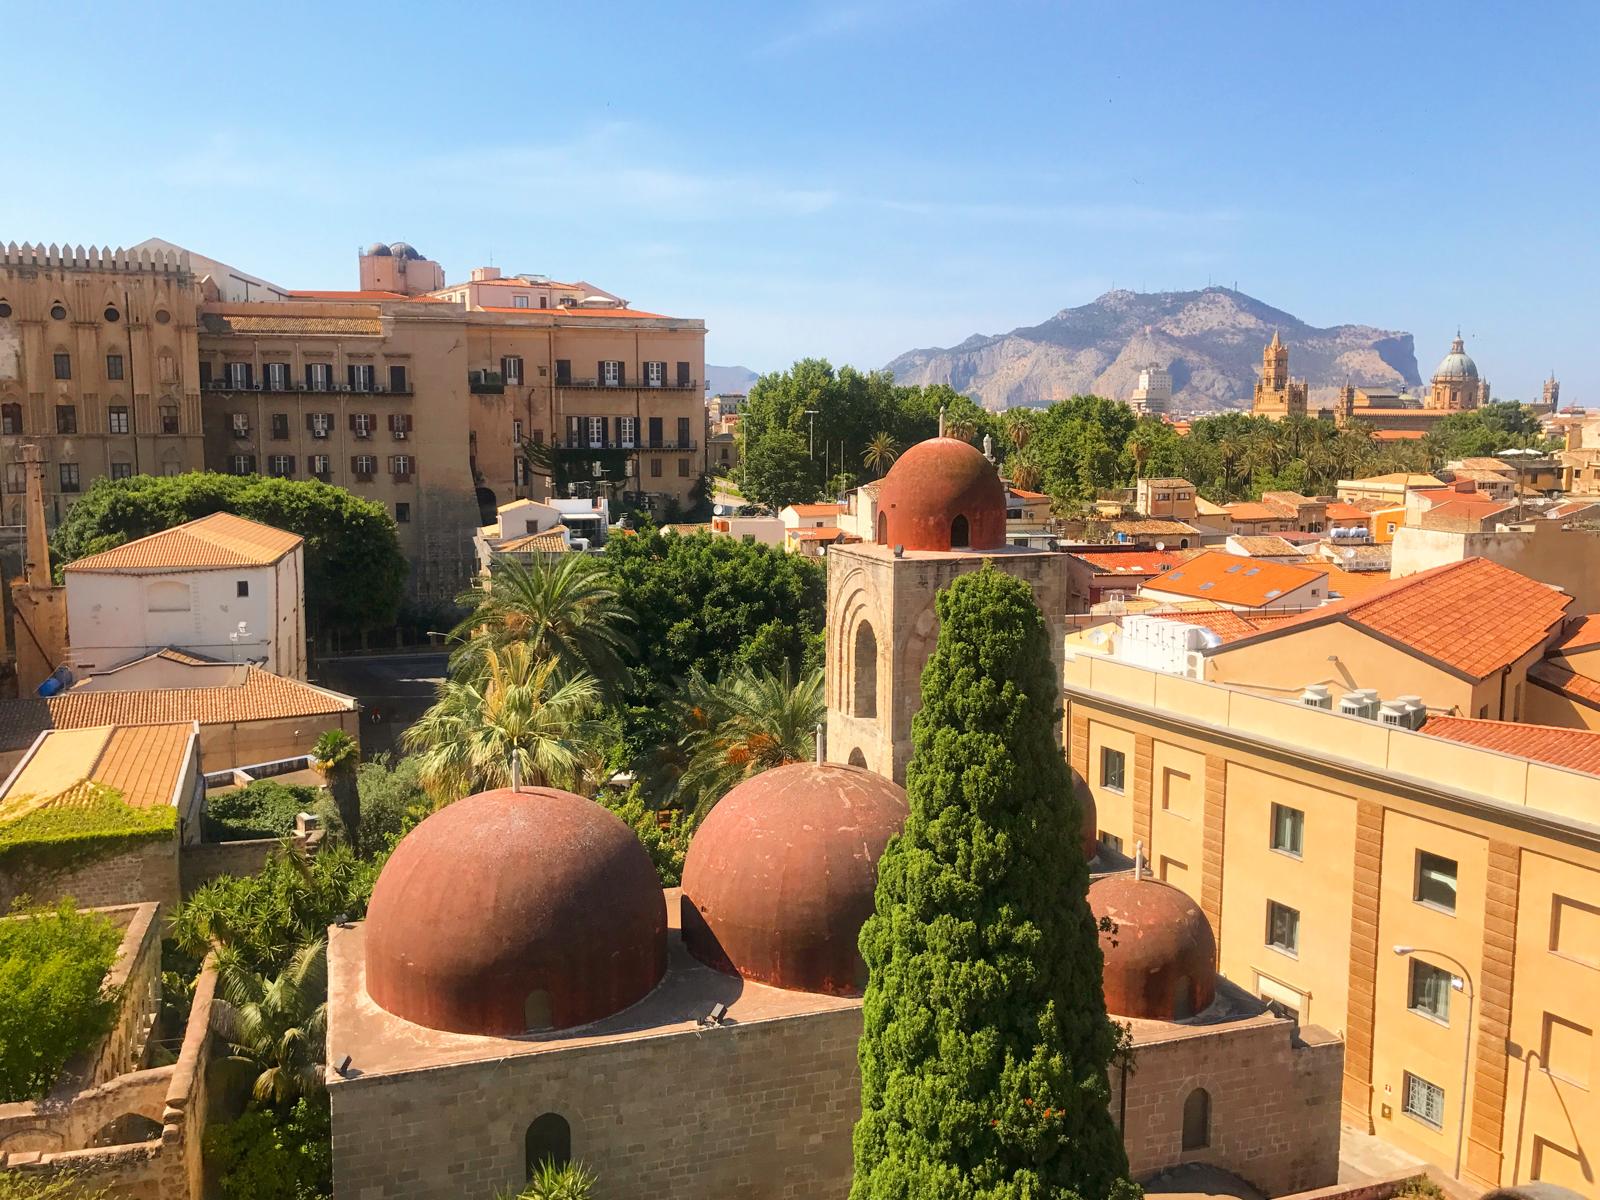 パレルモ【アラブ・ノルマン様式のパレルモと、チェファル、モンレアーレの大聖堂】2015年に世界遺産になった9つの建造物について【イタリア】